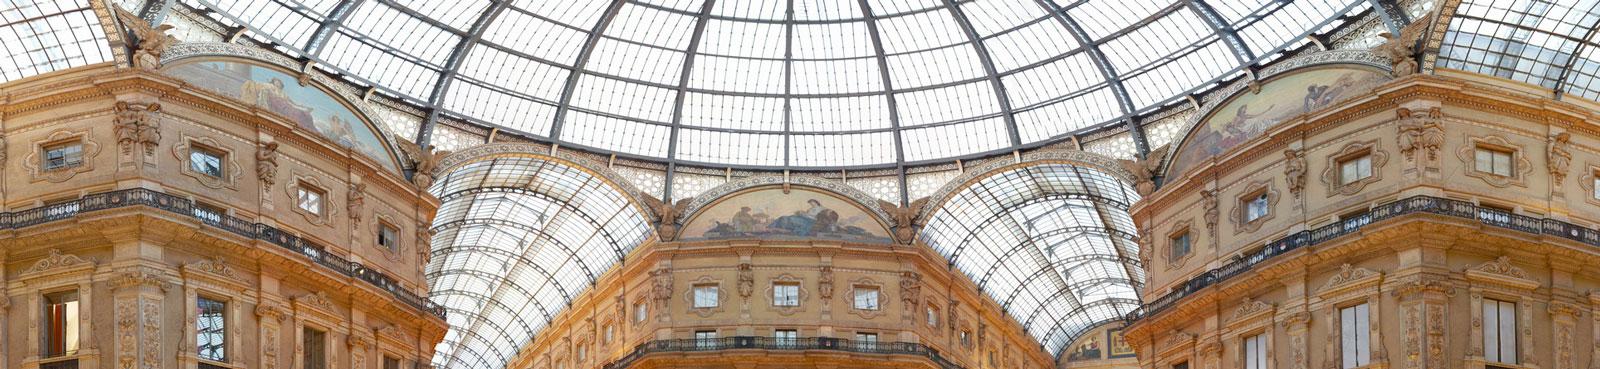 Studio legale marzorati milano avvocato separazione divorzio divorce malasanità risarcimento danni italy italia